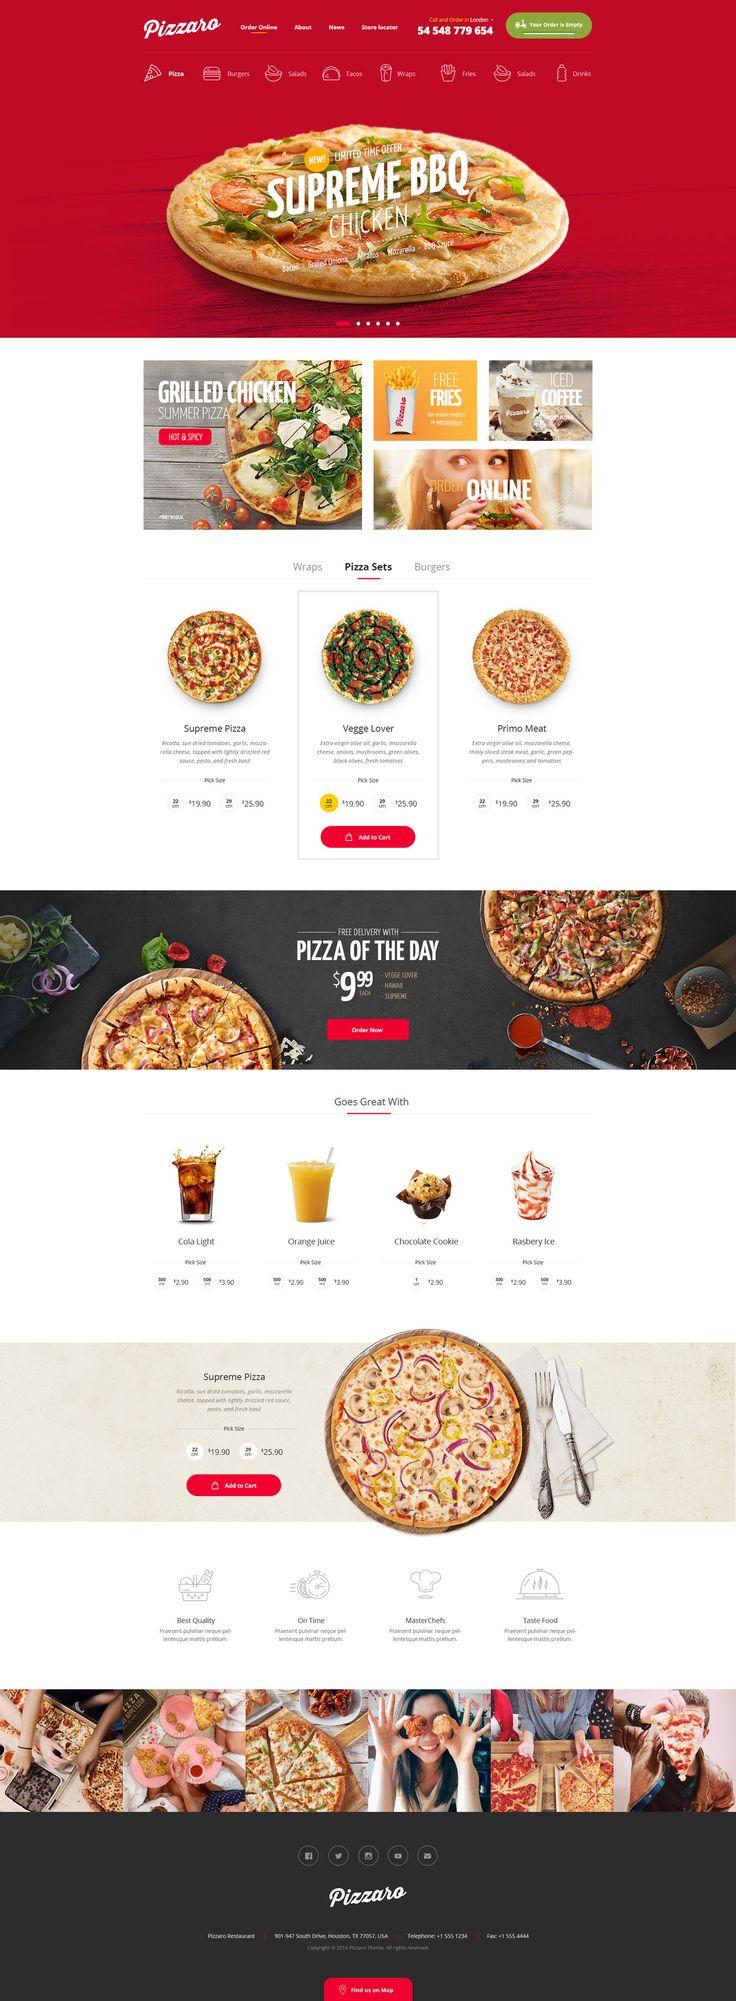 其他樣板:http://preview.themeforest.net/item/pizzaro-food-online-ordering-woocommerce-theme/full_screen_preview/19209143